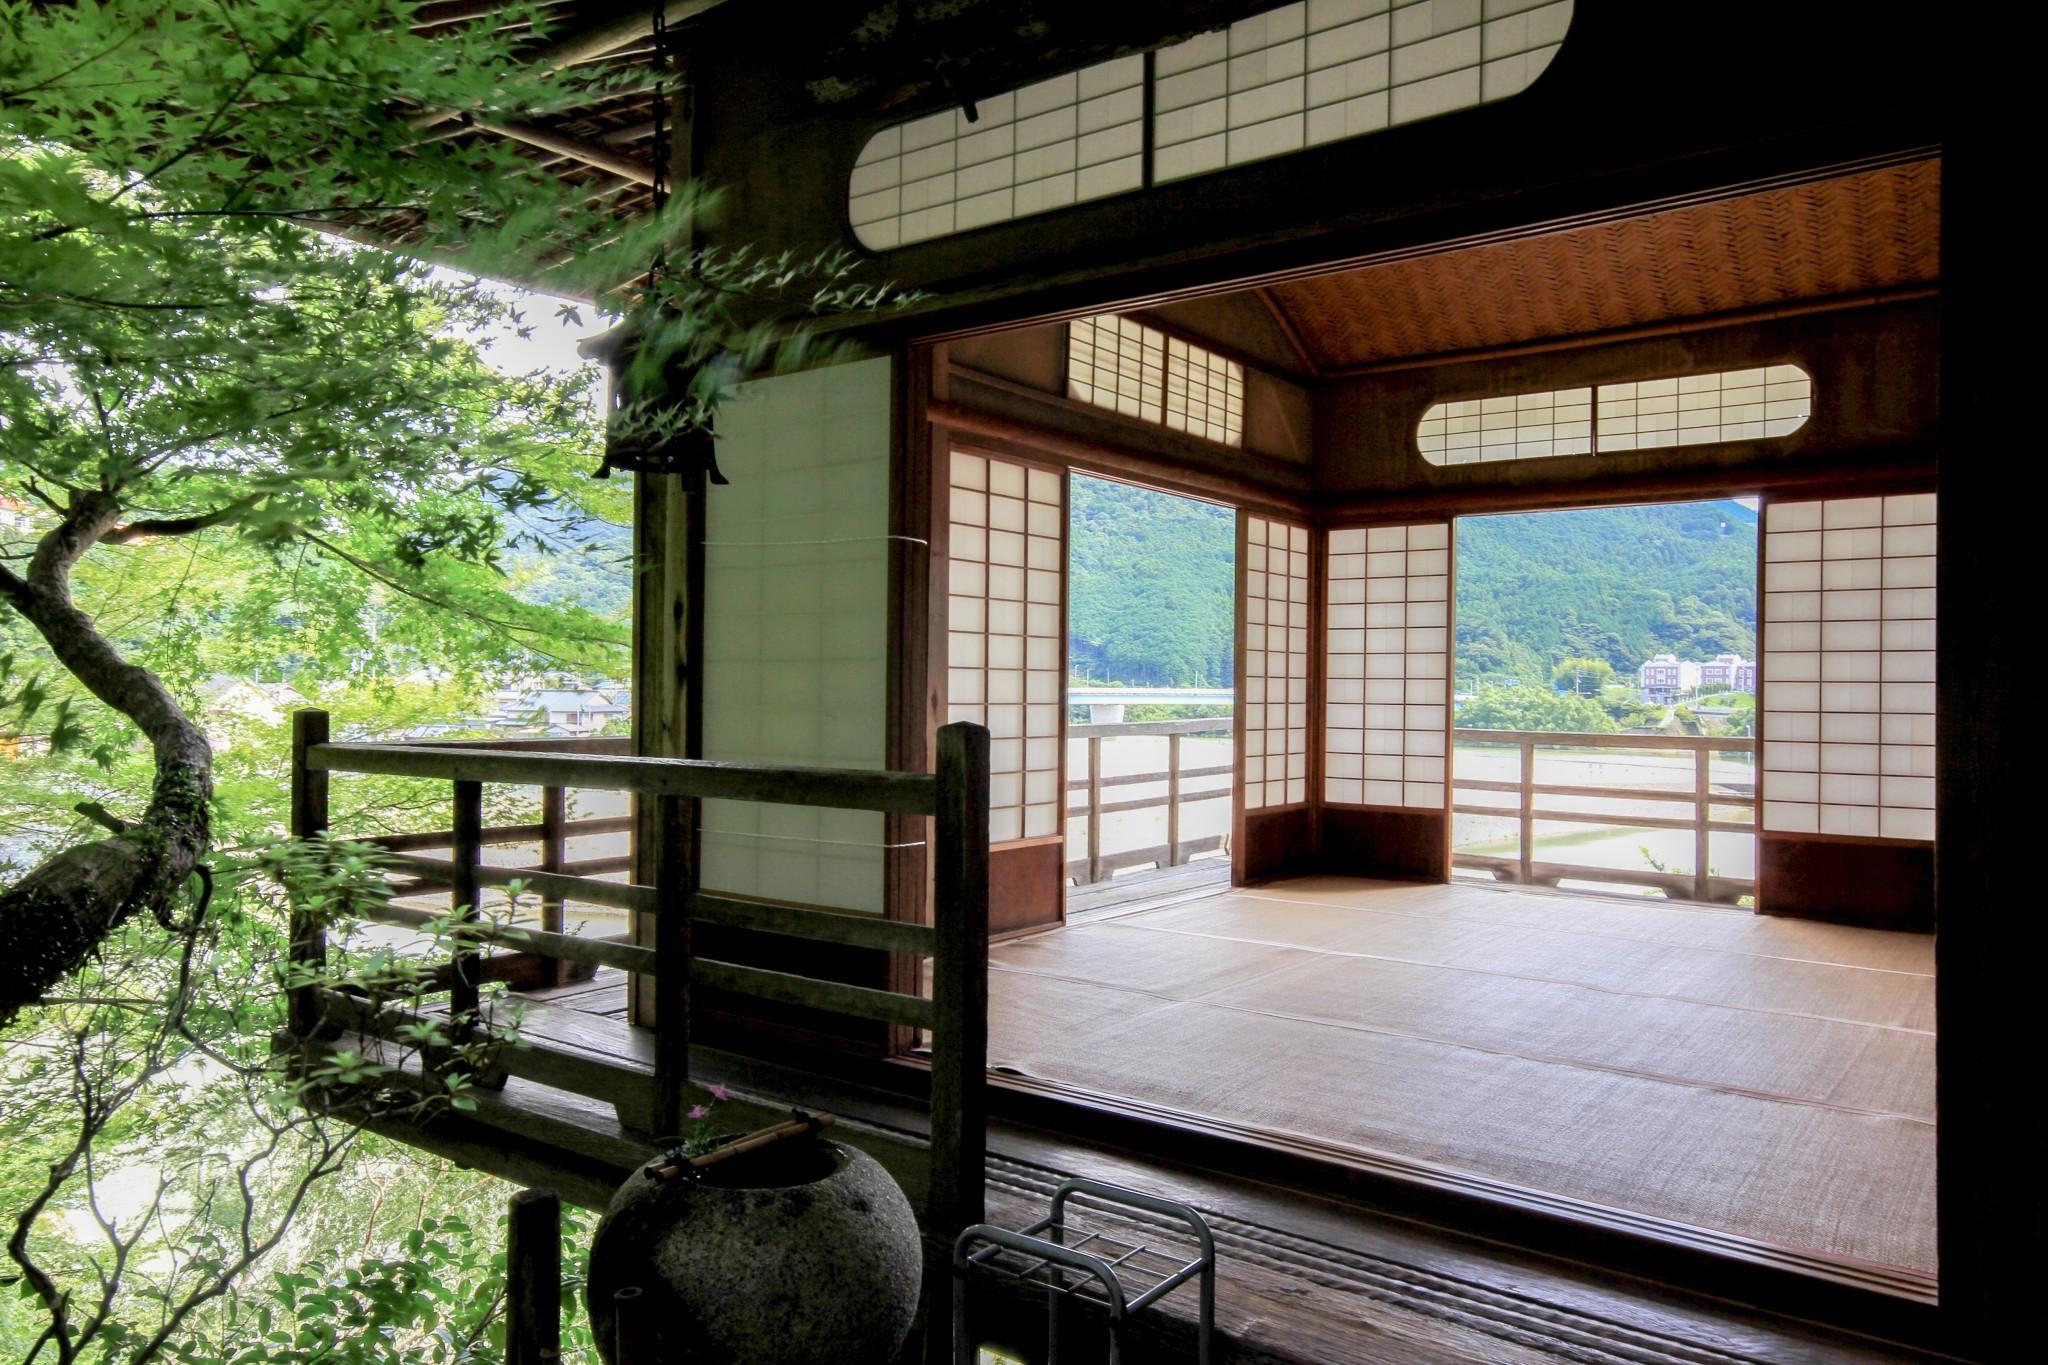 JapanTravel, un guide pour voyager différemment au Japon